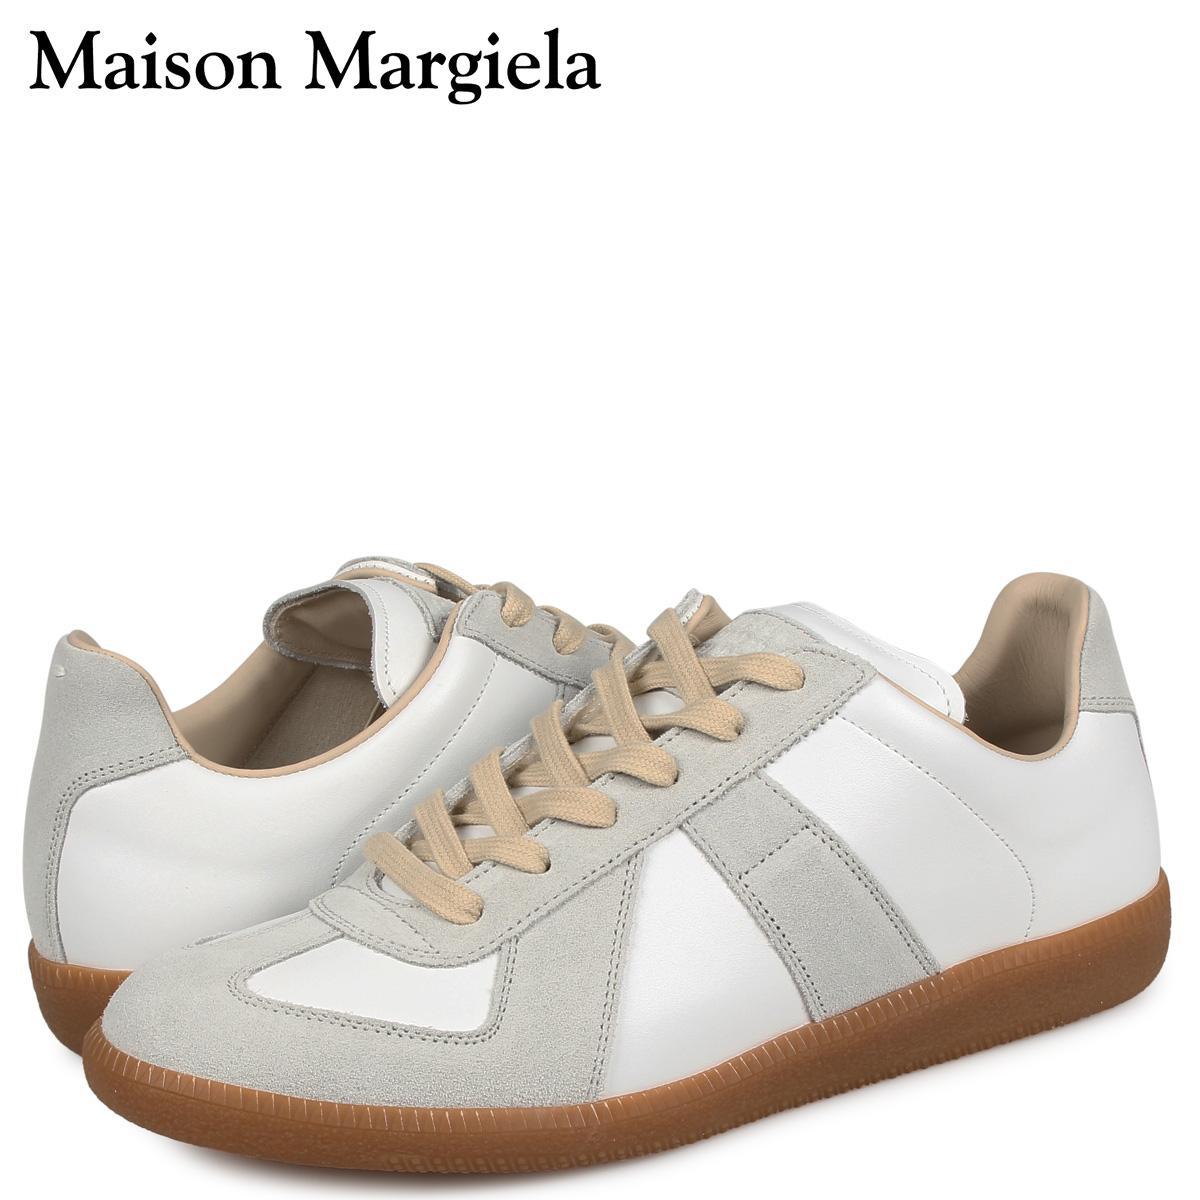 メゾンマルジェラ MAISON MARGIELA レプリカ ロートップ スニーカー メンズ REPLICA LOW TOP オフ ホワイト S57WS0236-P1895 [3/3 再入荷]